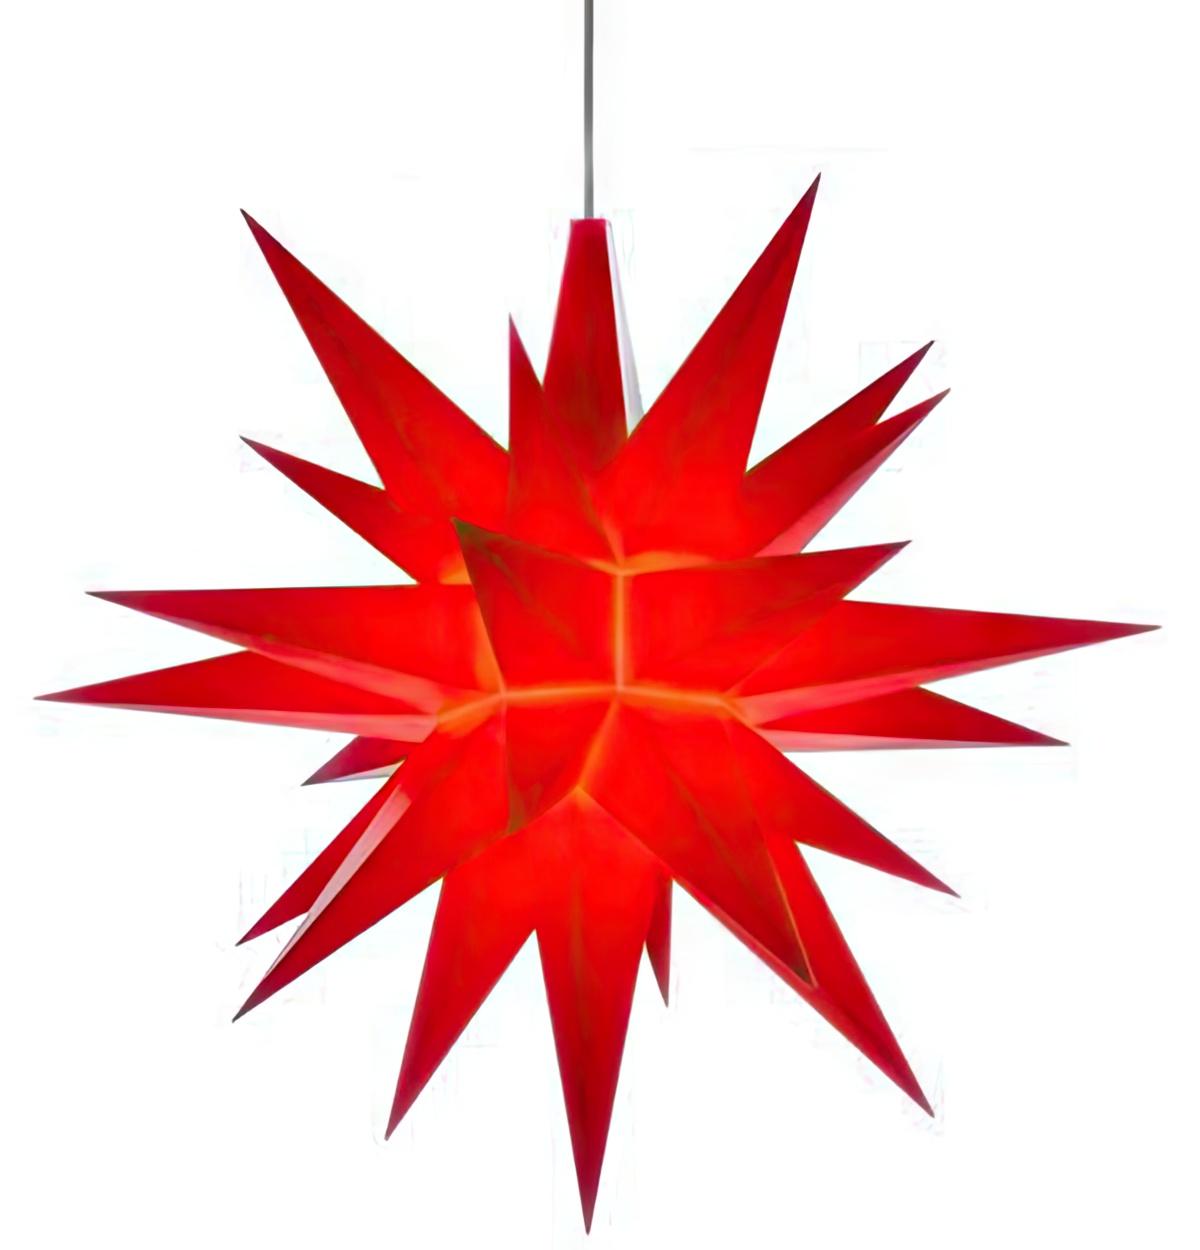 herrenhuter sterne original herrnhuter a1e wunderschaner weihnachtsstern fa 1 4 r mini lichterkette